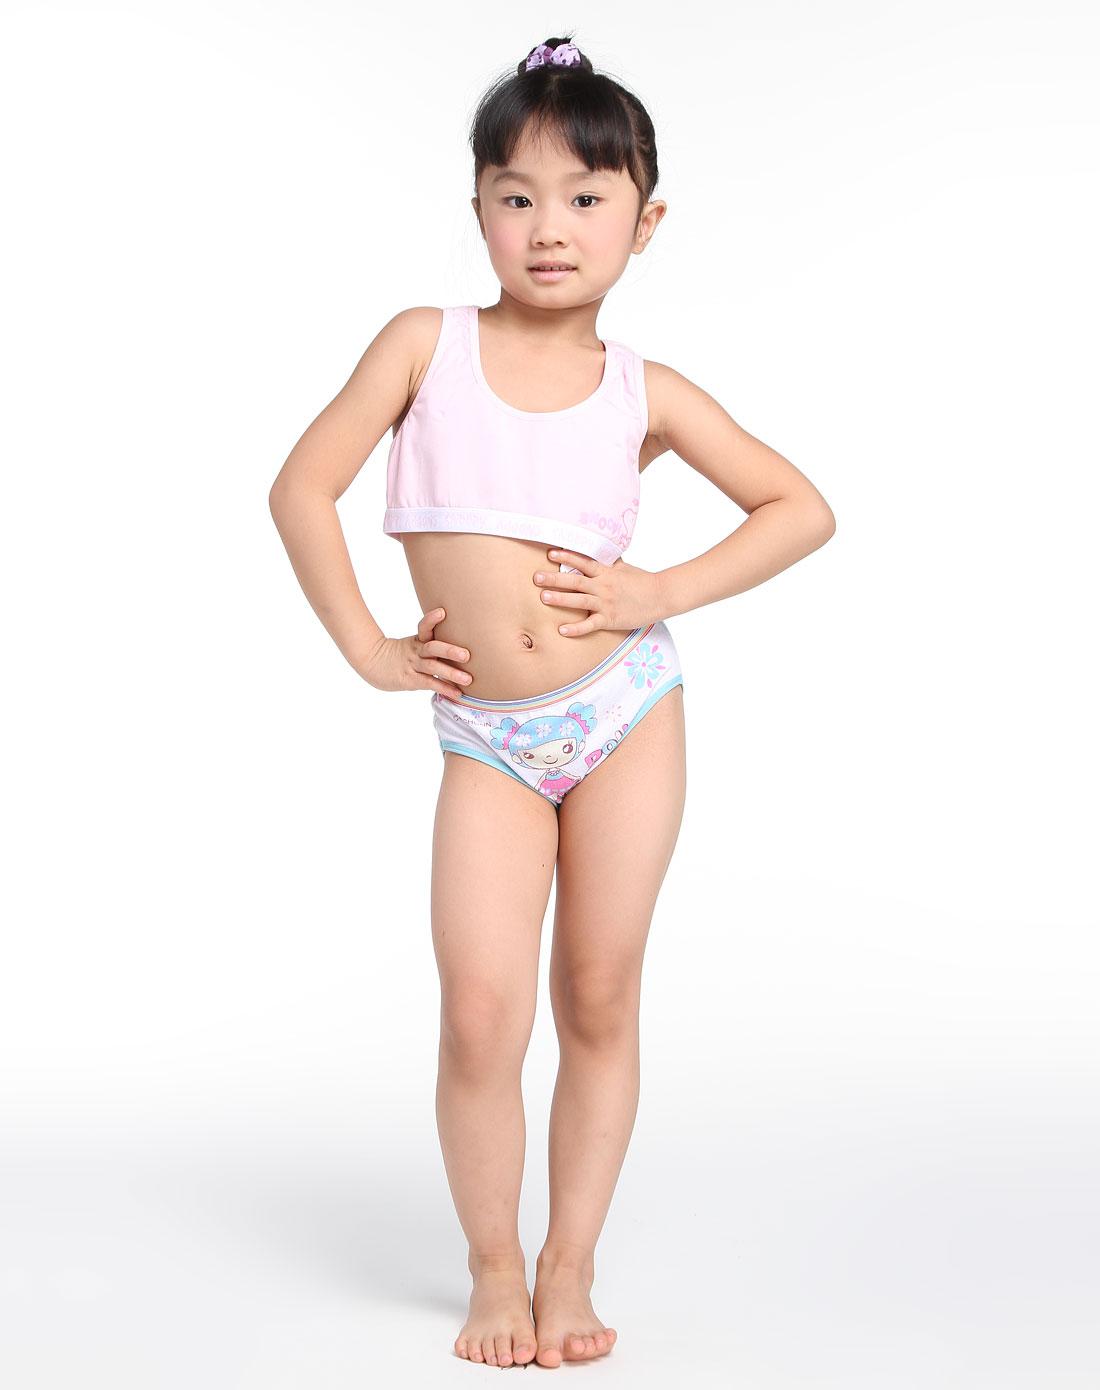 女童粉红色运动式内衣